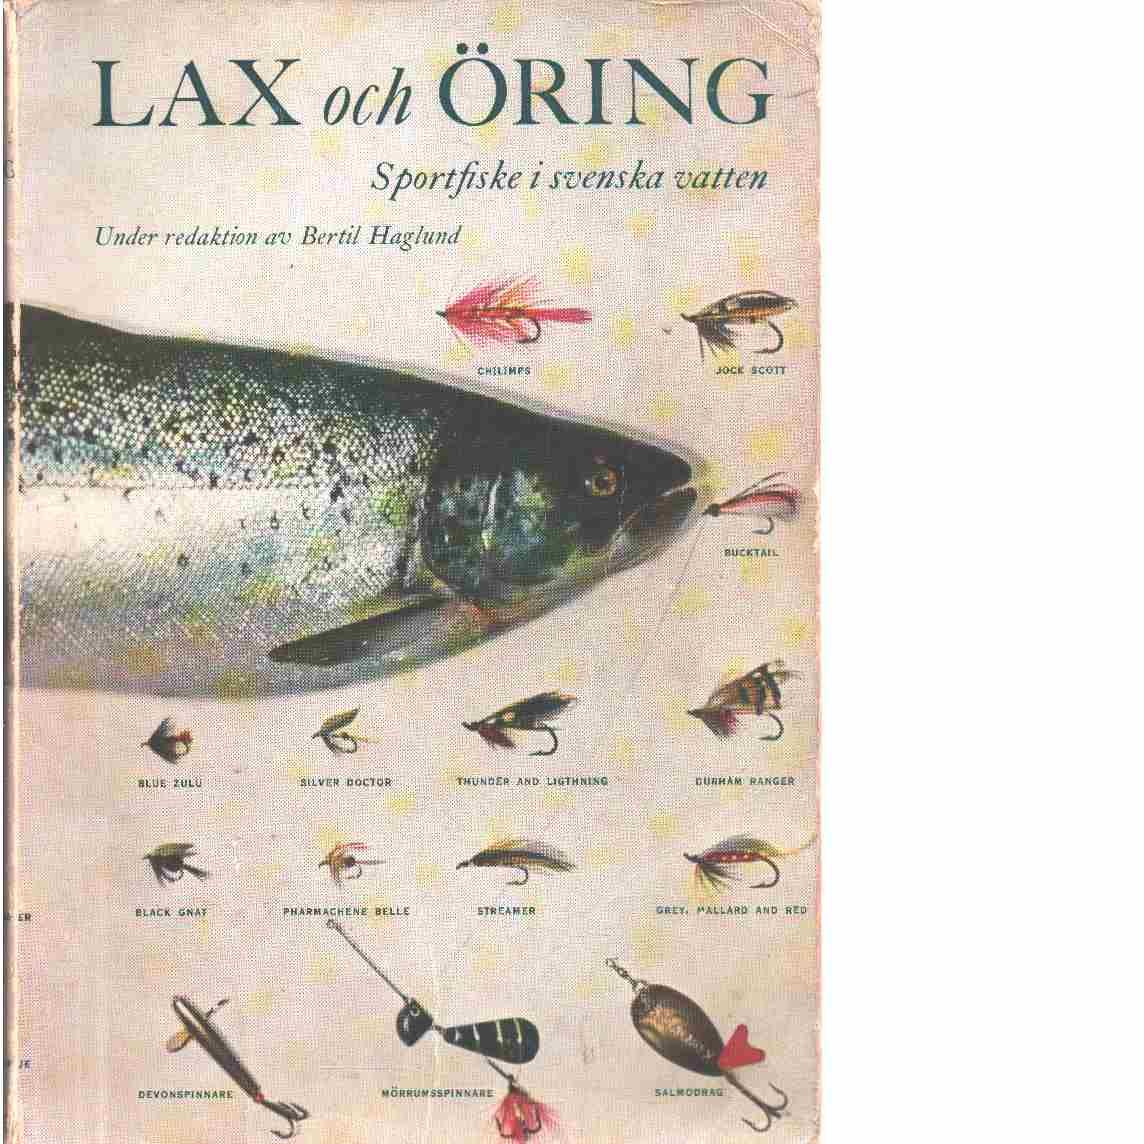 Lax och öring : sportfiske i svenska vatten  - Red. Haglund, Bertil och Asp, Christer